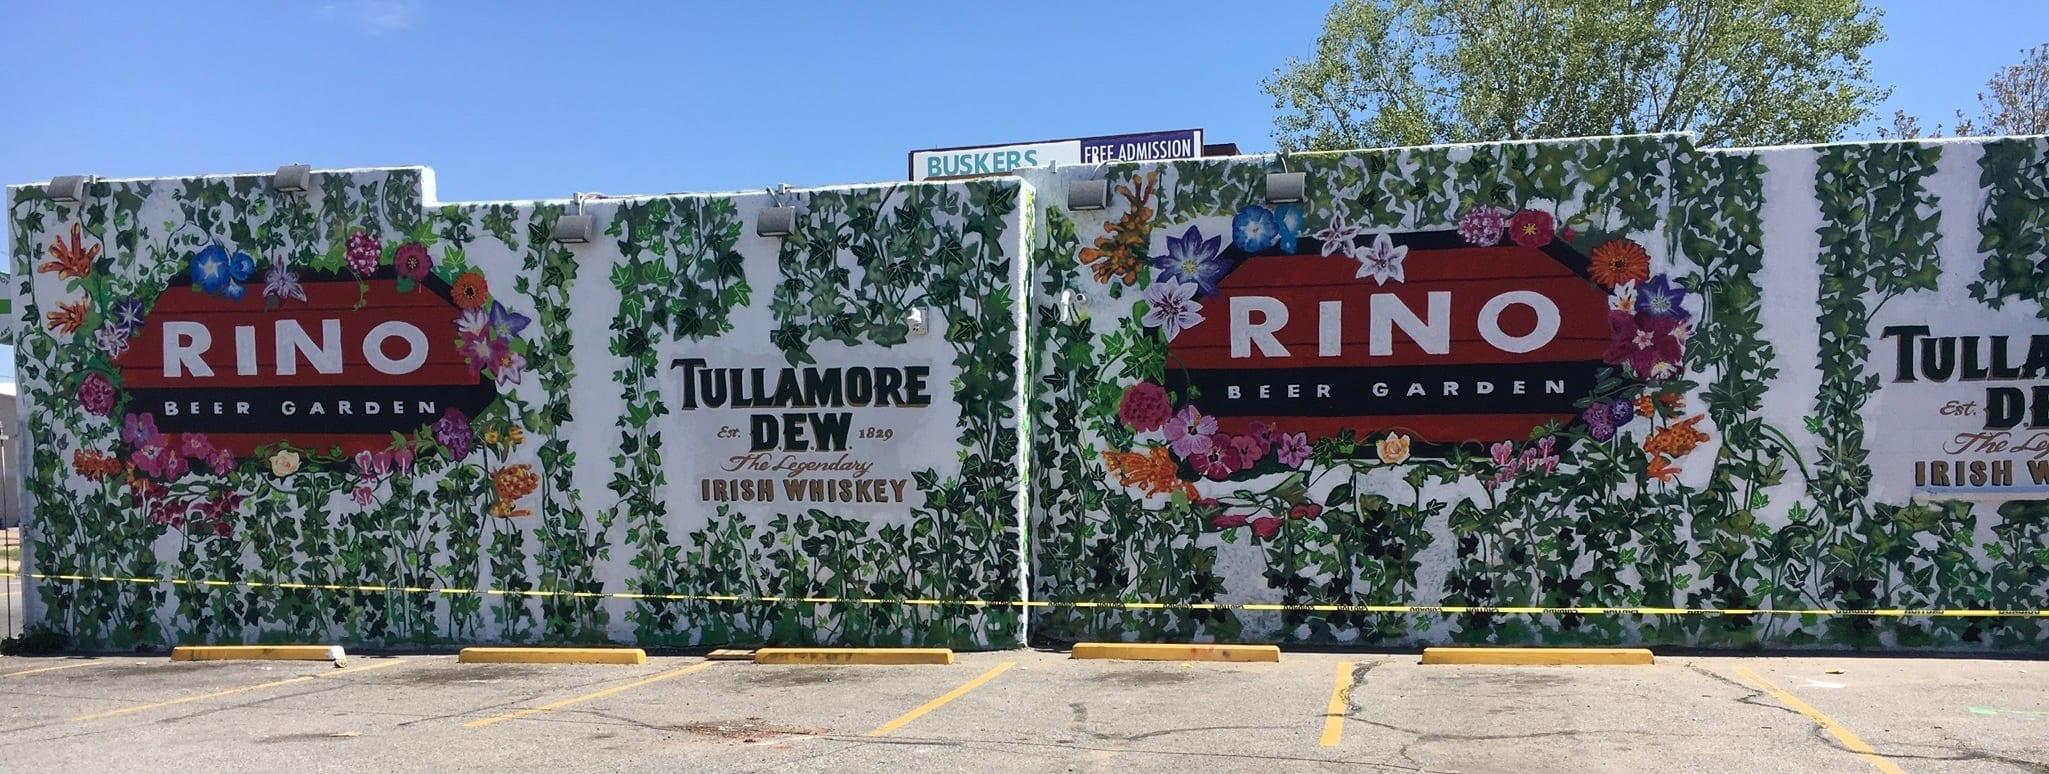 RiNo Beer Garden Denver CO